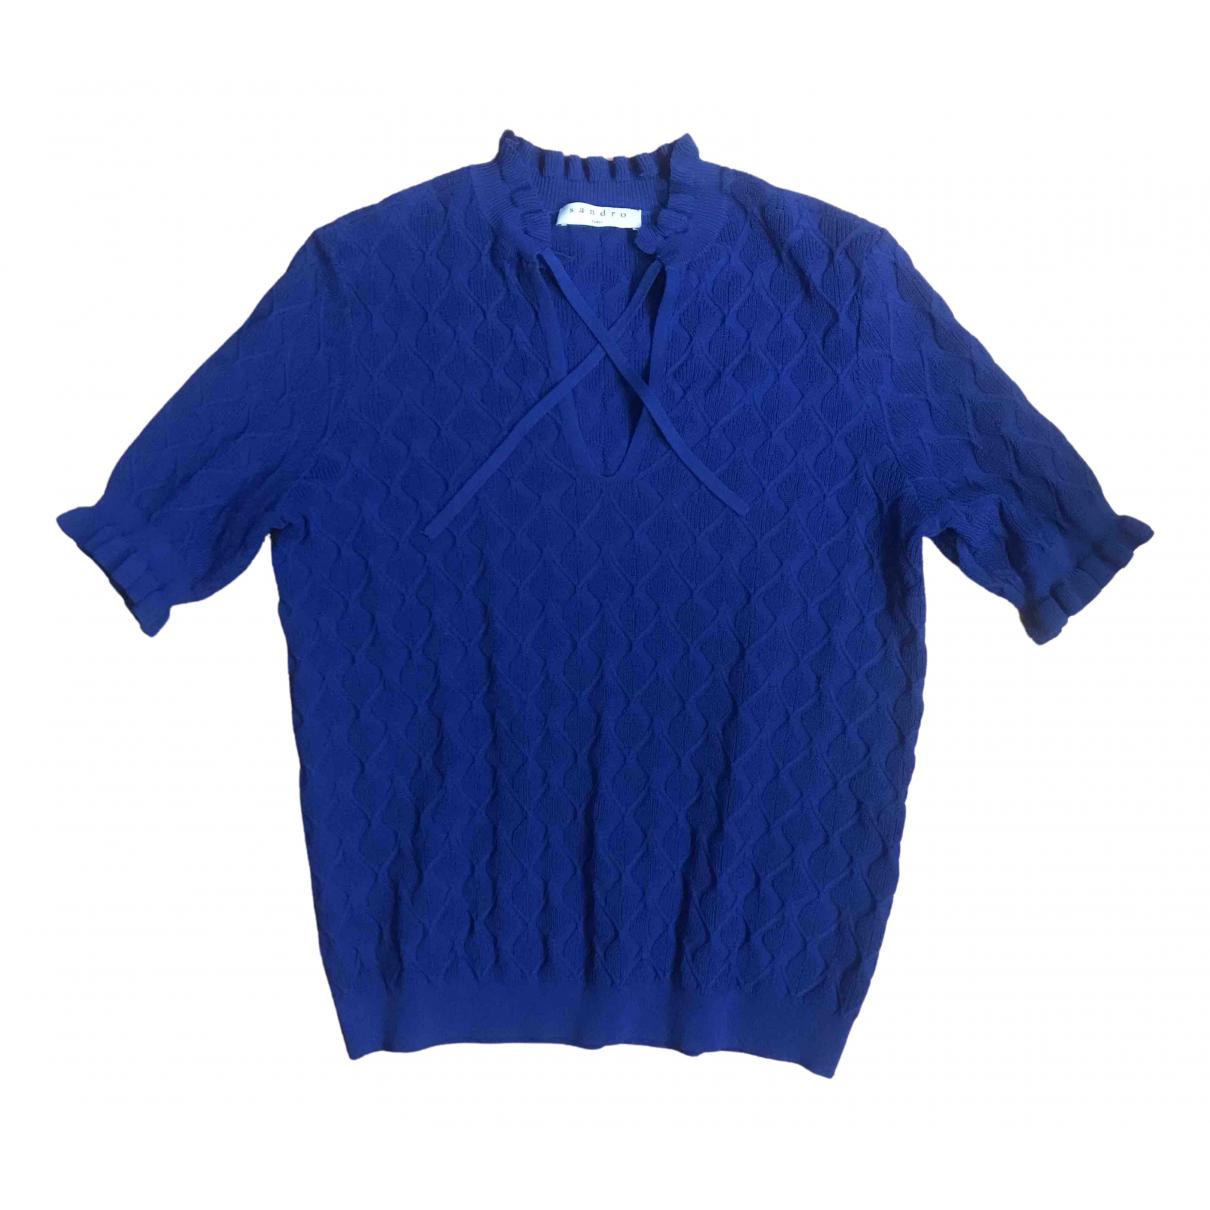 Sandro \N Blue  top for Women 38 FR